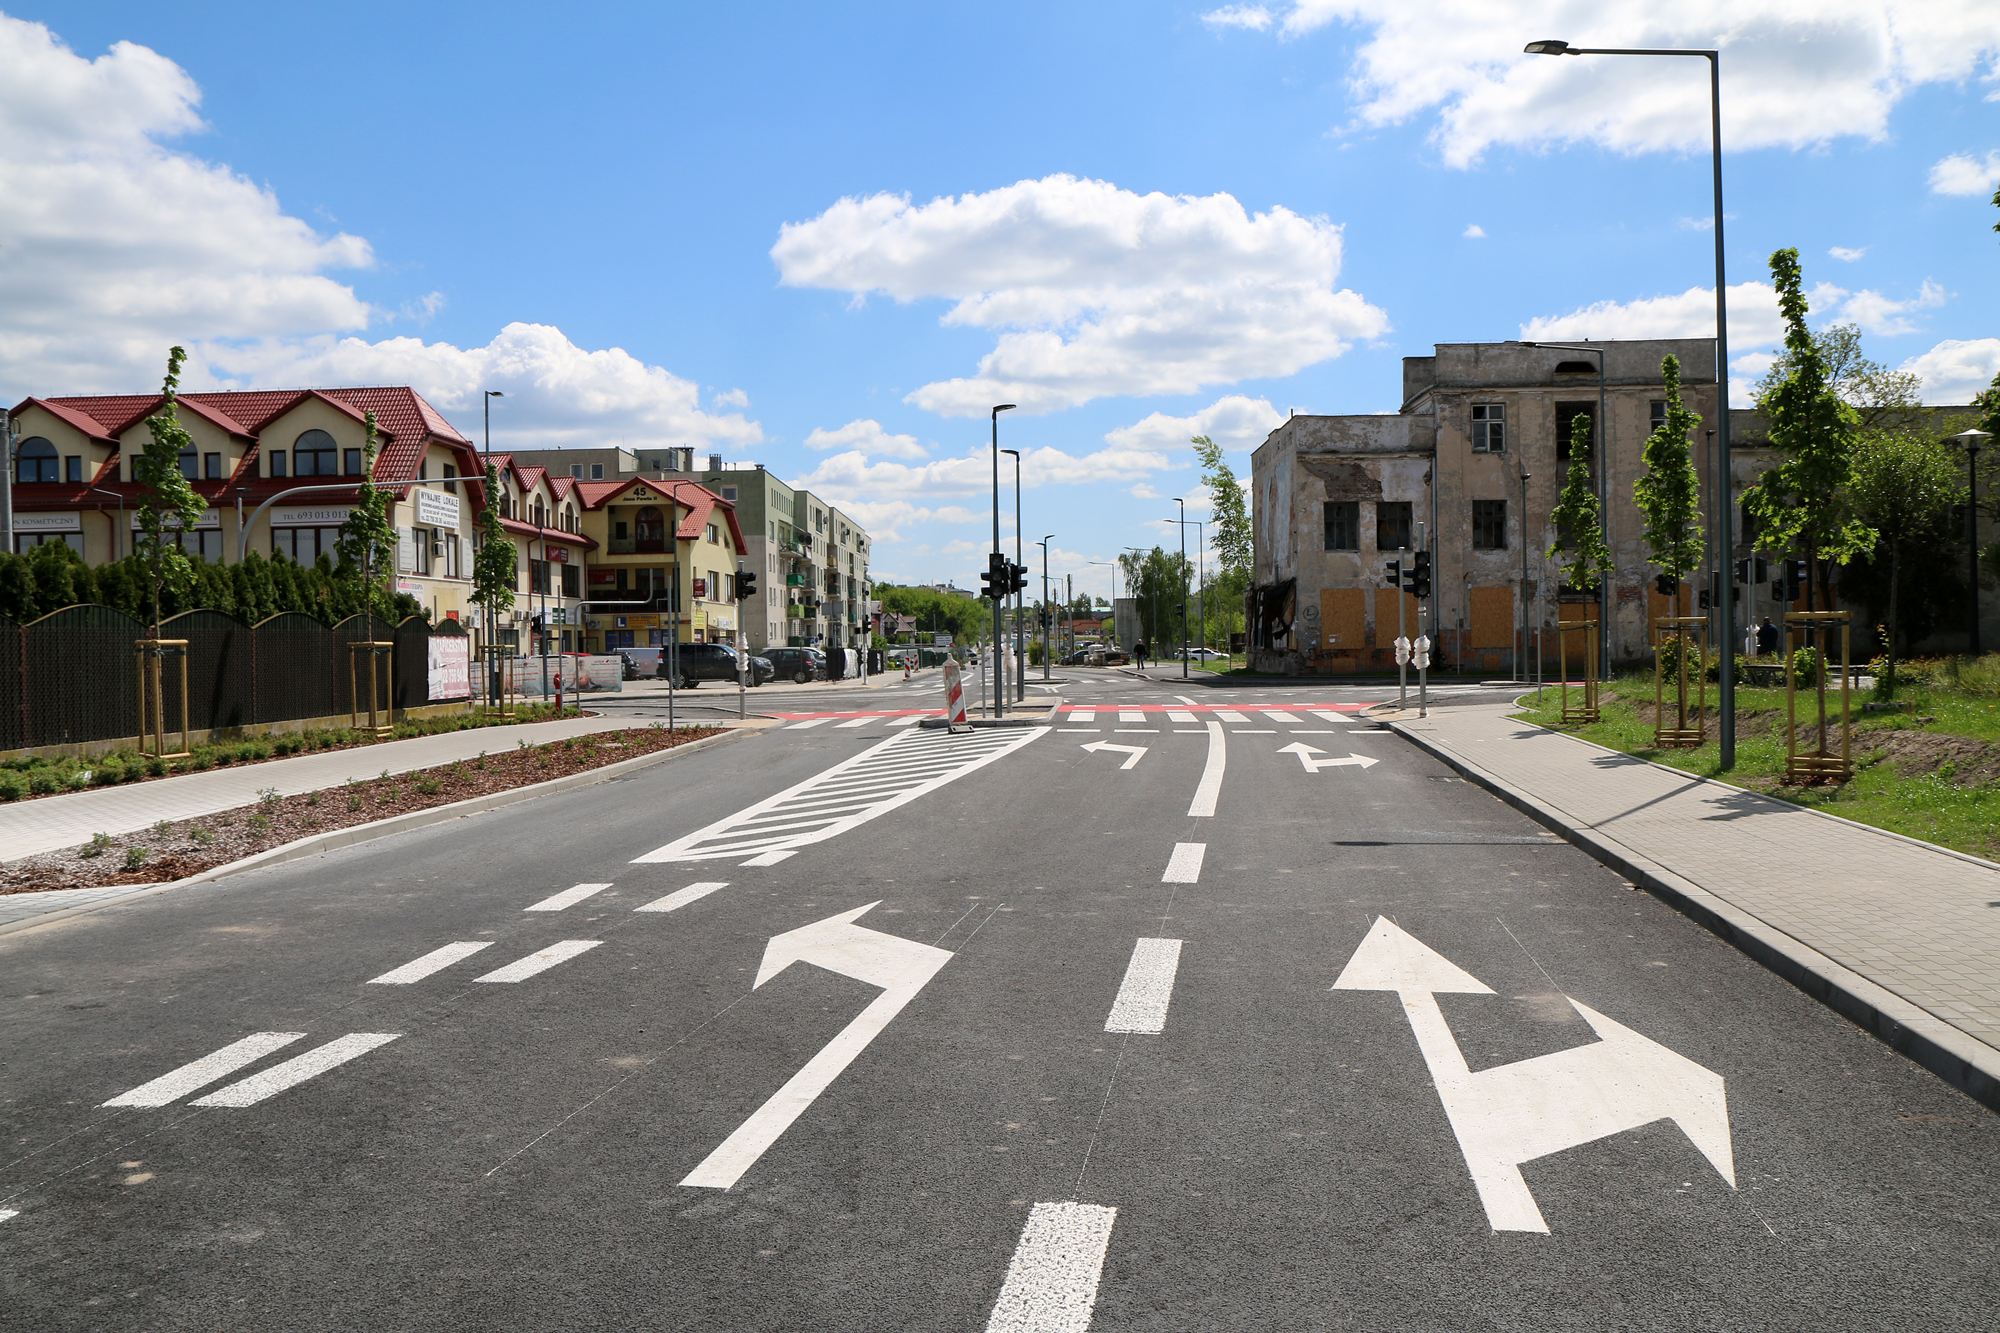 Otwarcie skrzyżowania ulic Dworcowa, Jana Pawła II, Jarząbka oraz Jana Pawła II z Powstańców Warszawy